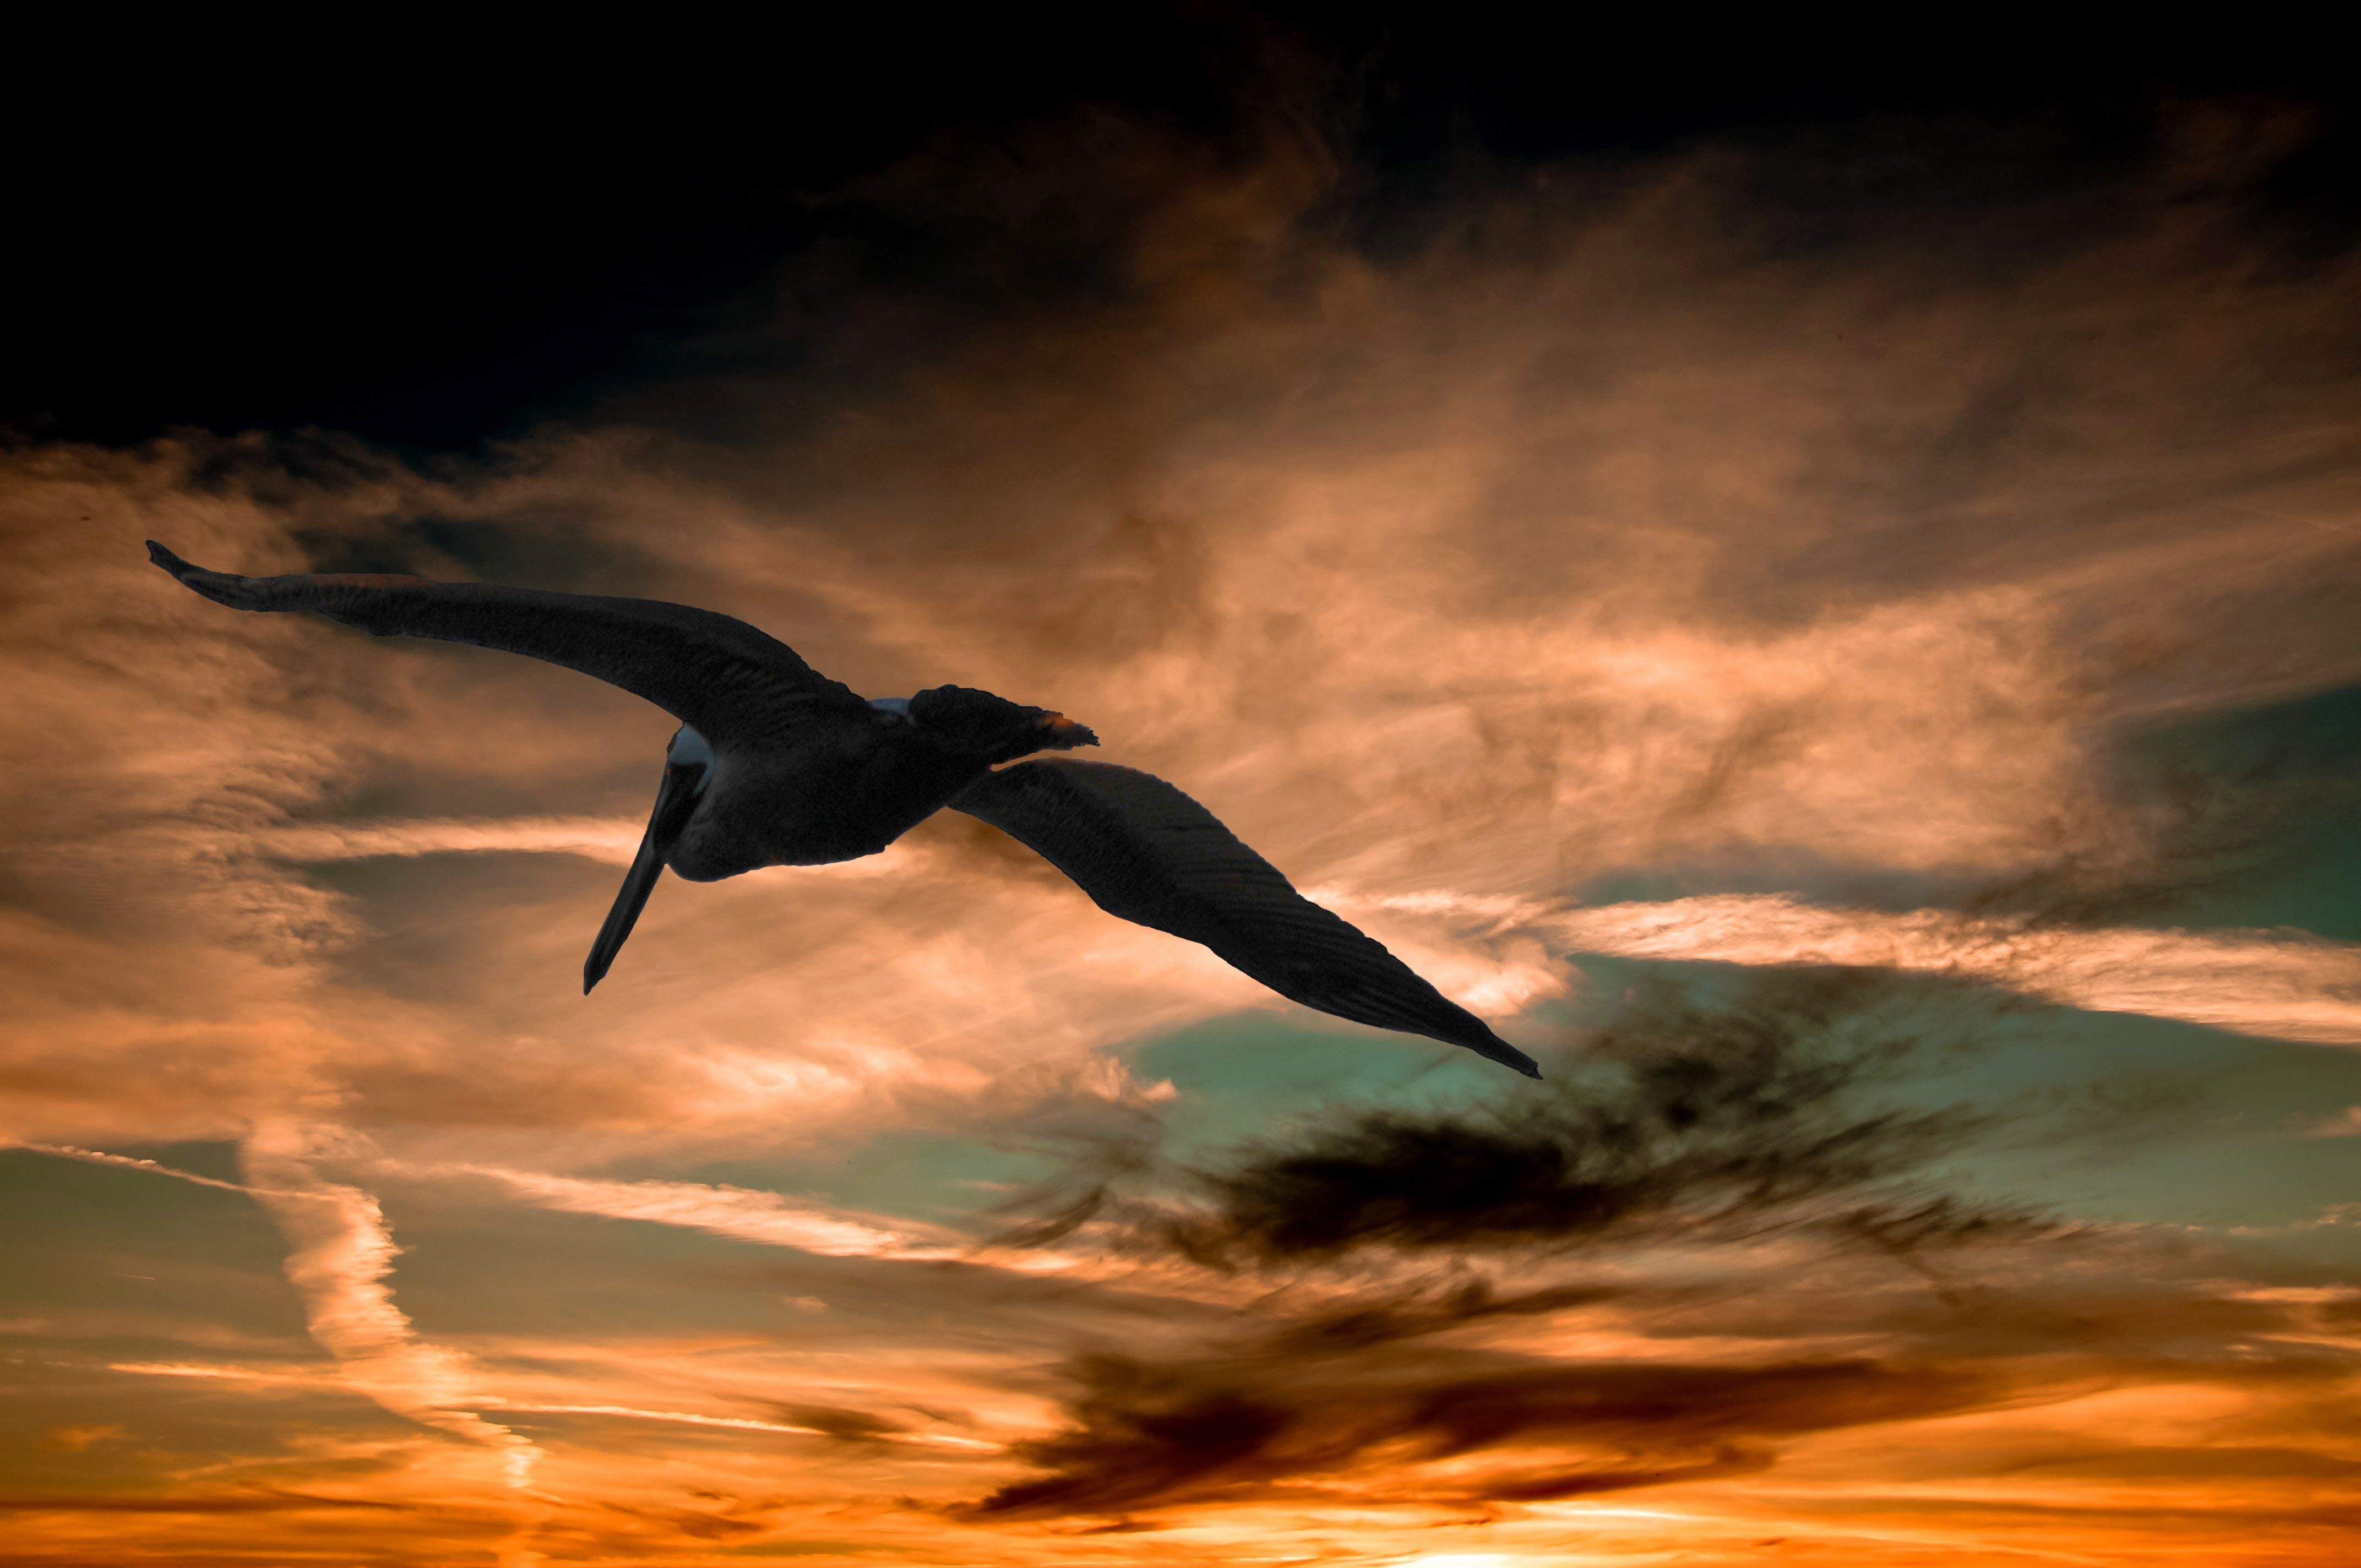 Gratis lagerfoto af dyreliv, flyve, himmel, natur